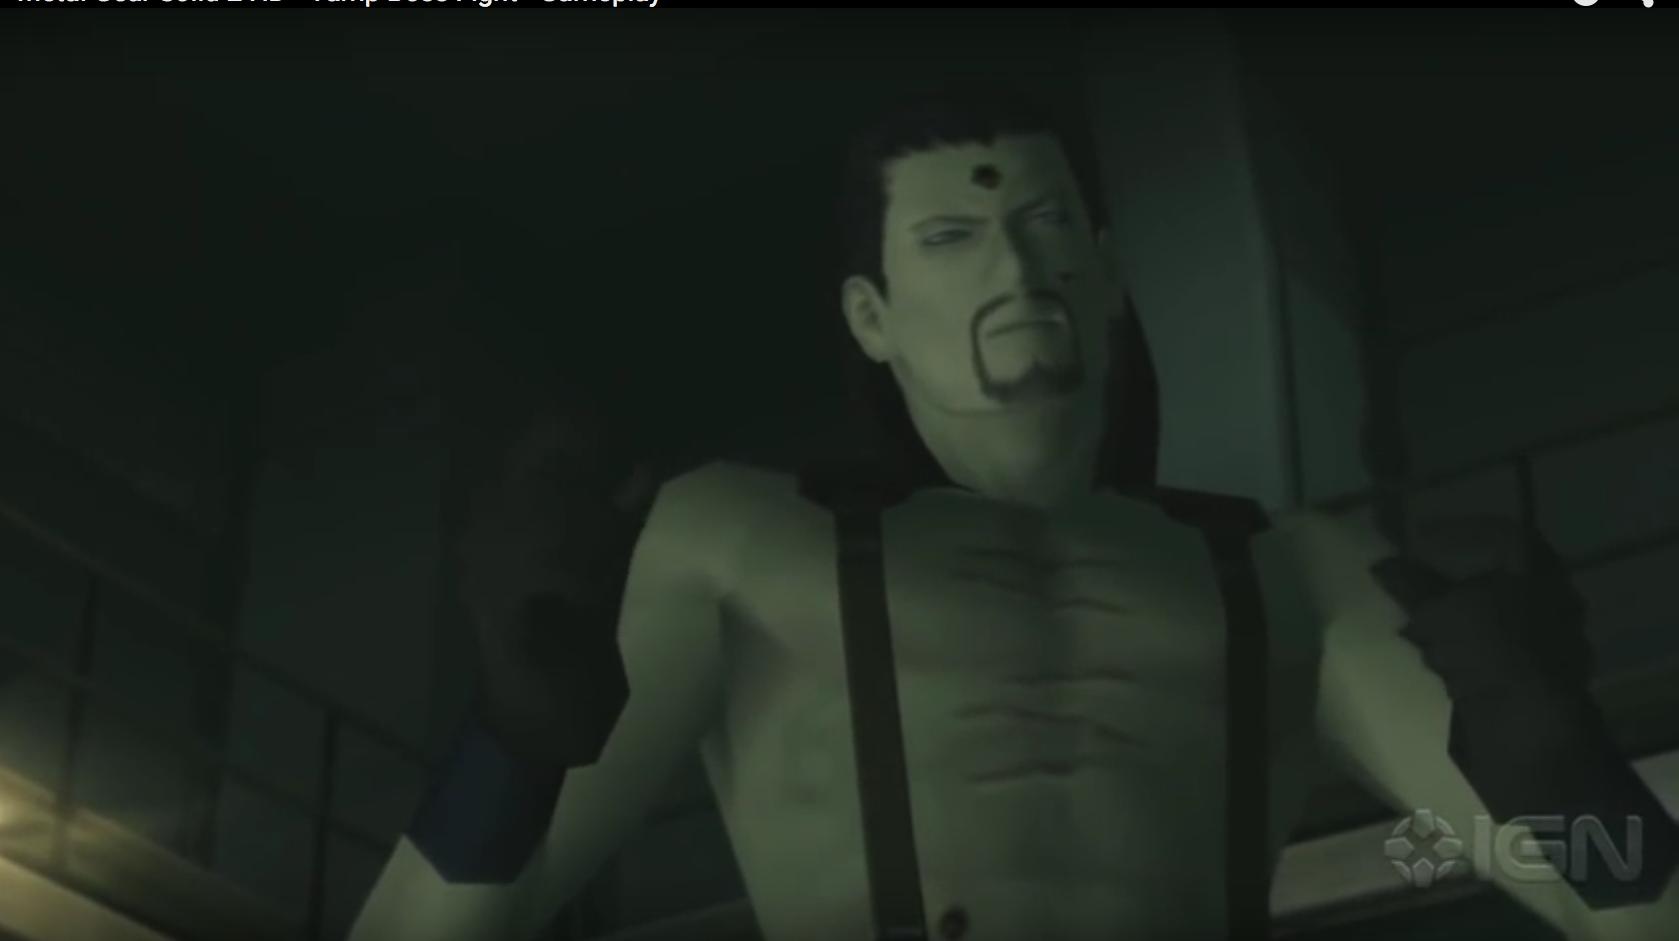 Vamp in Metal Gear Solid 2